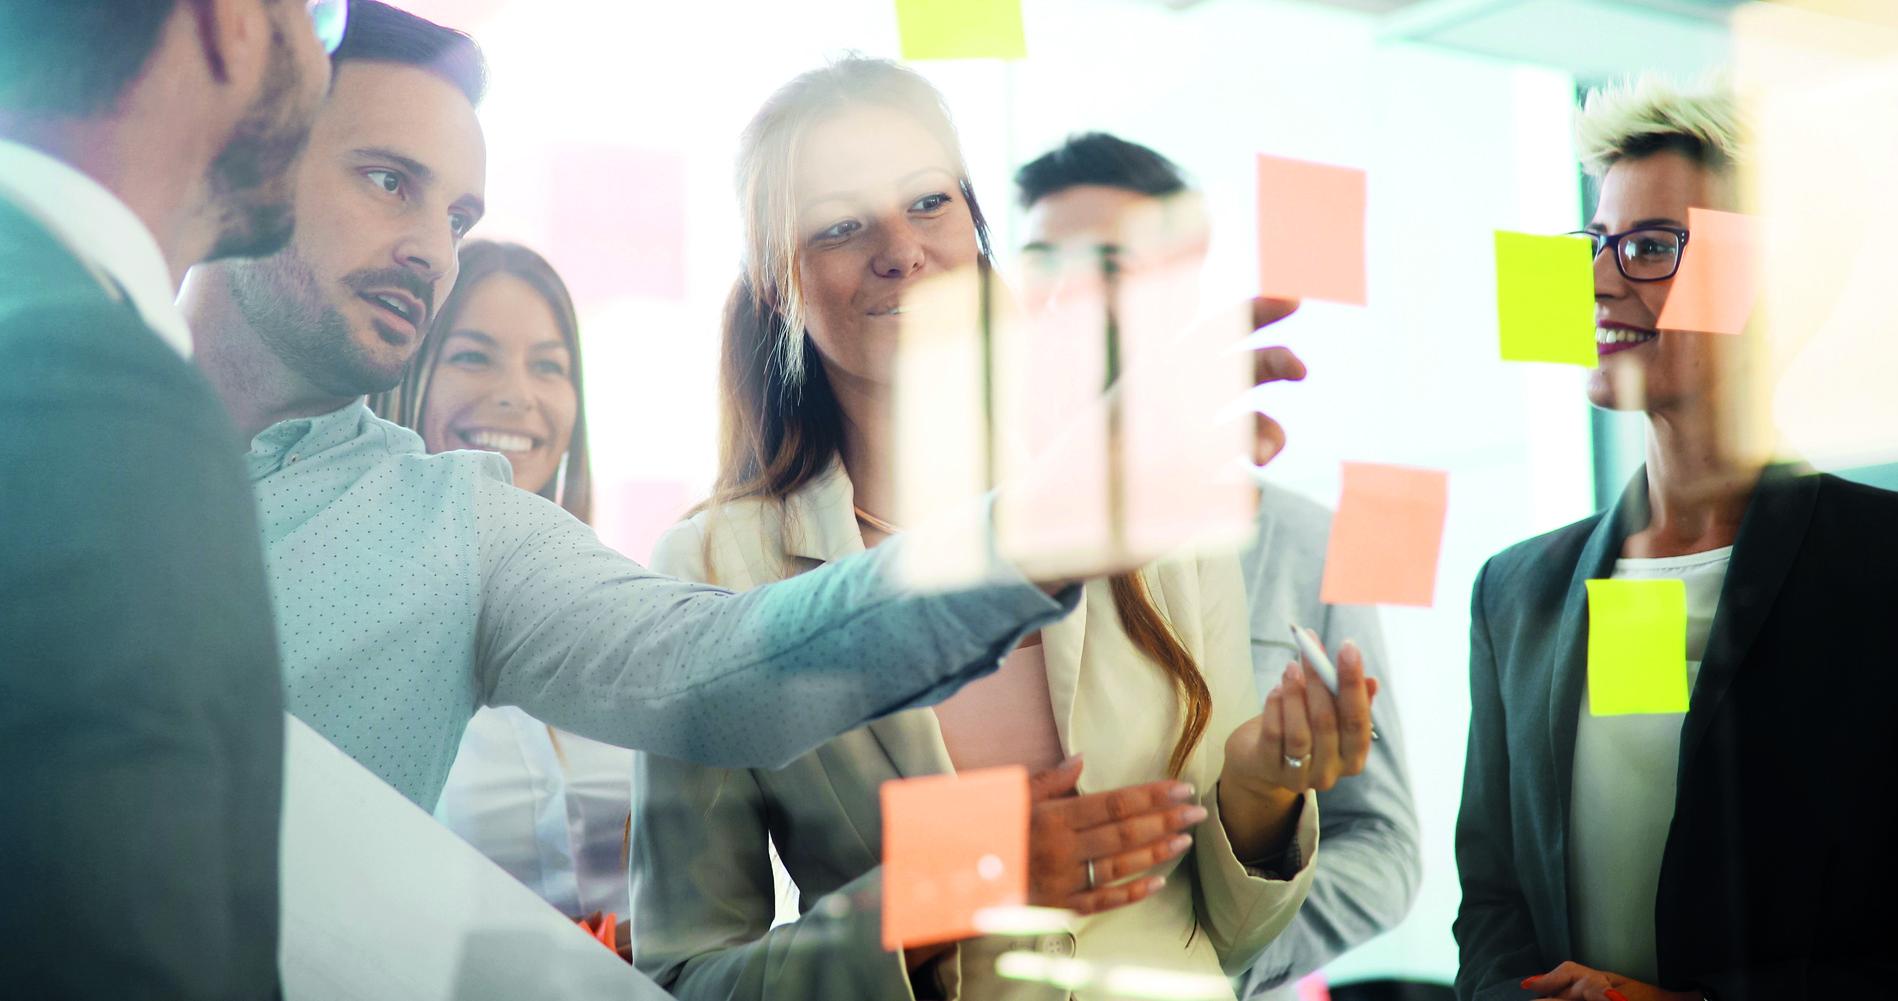 Kreative, professionelle Geschäftsleute arbeiten an einem Projekt im Büro